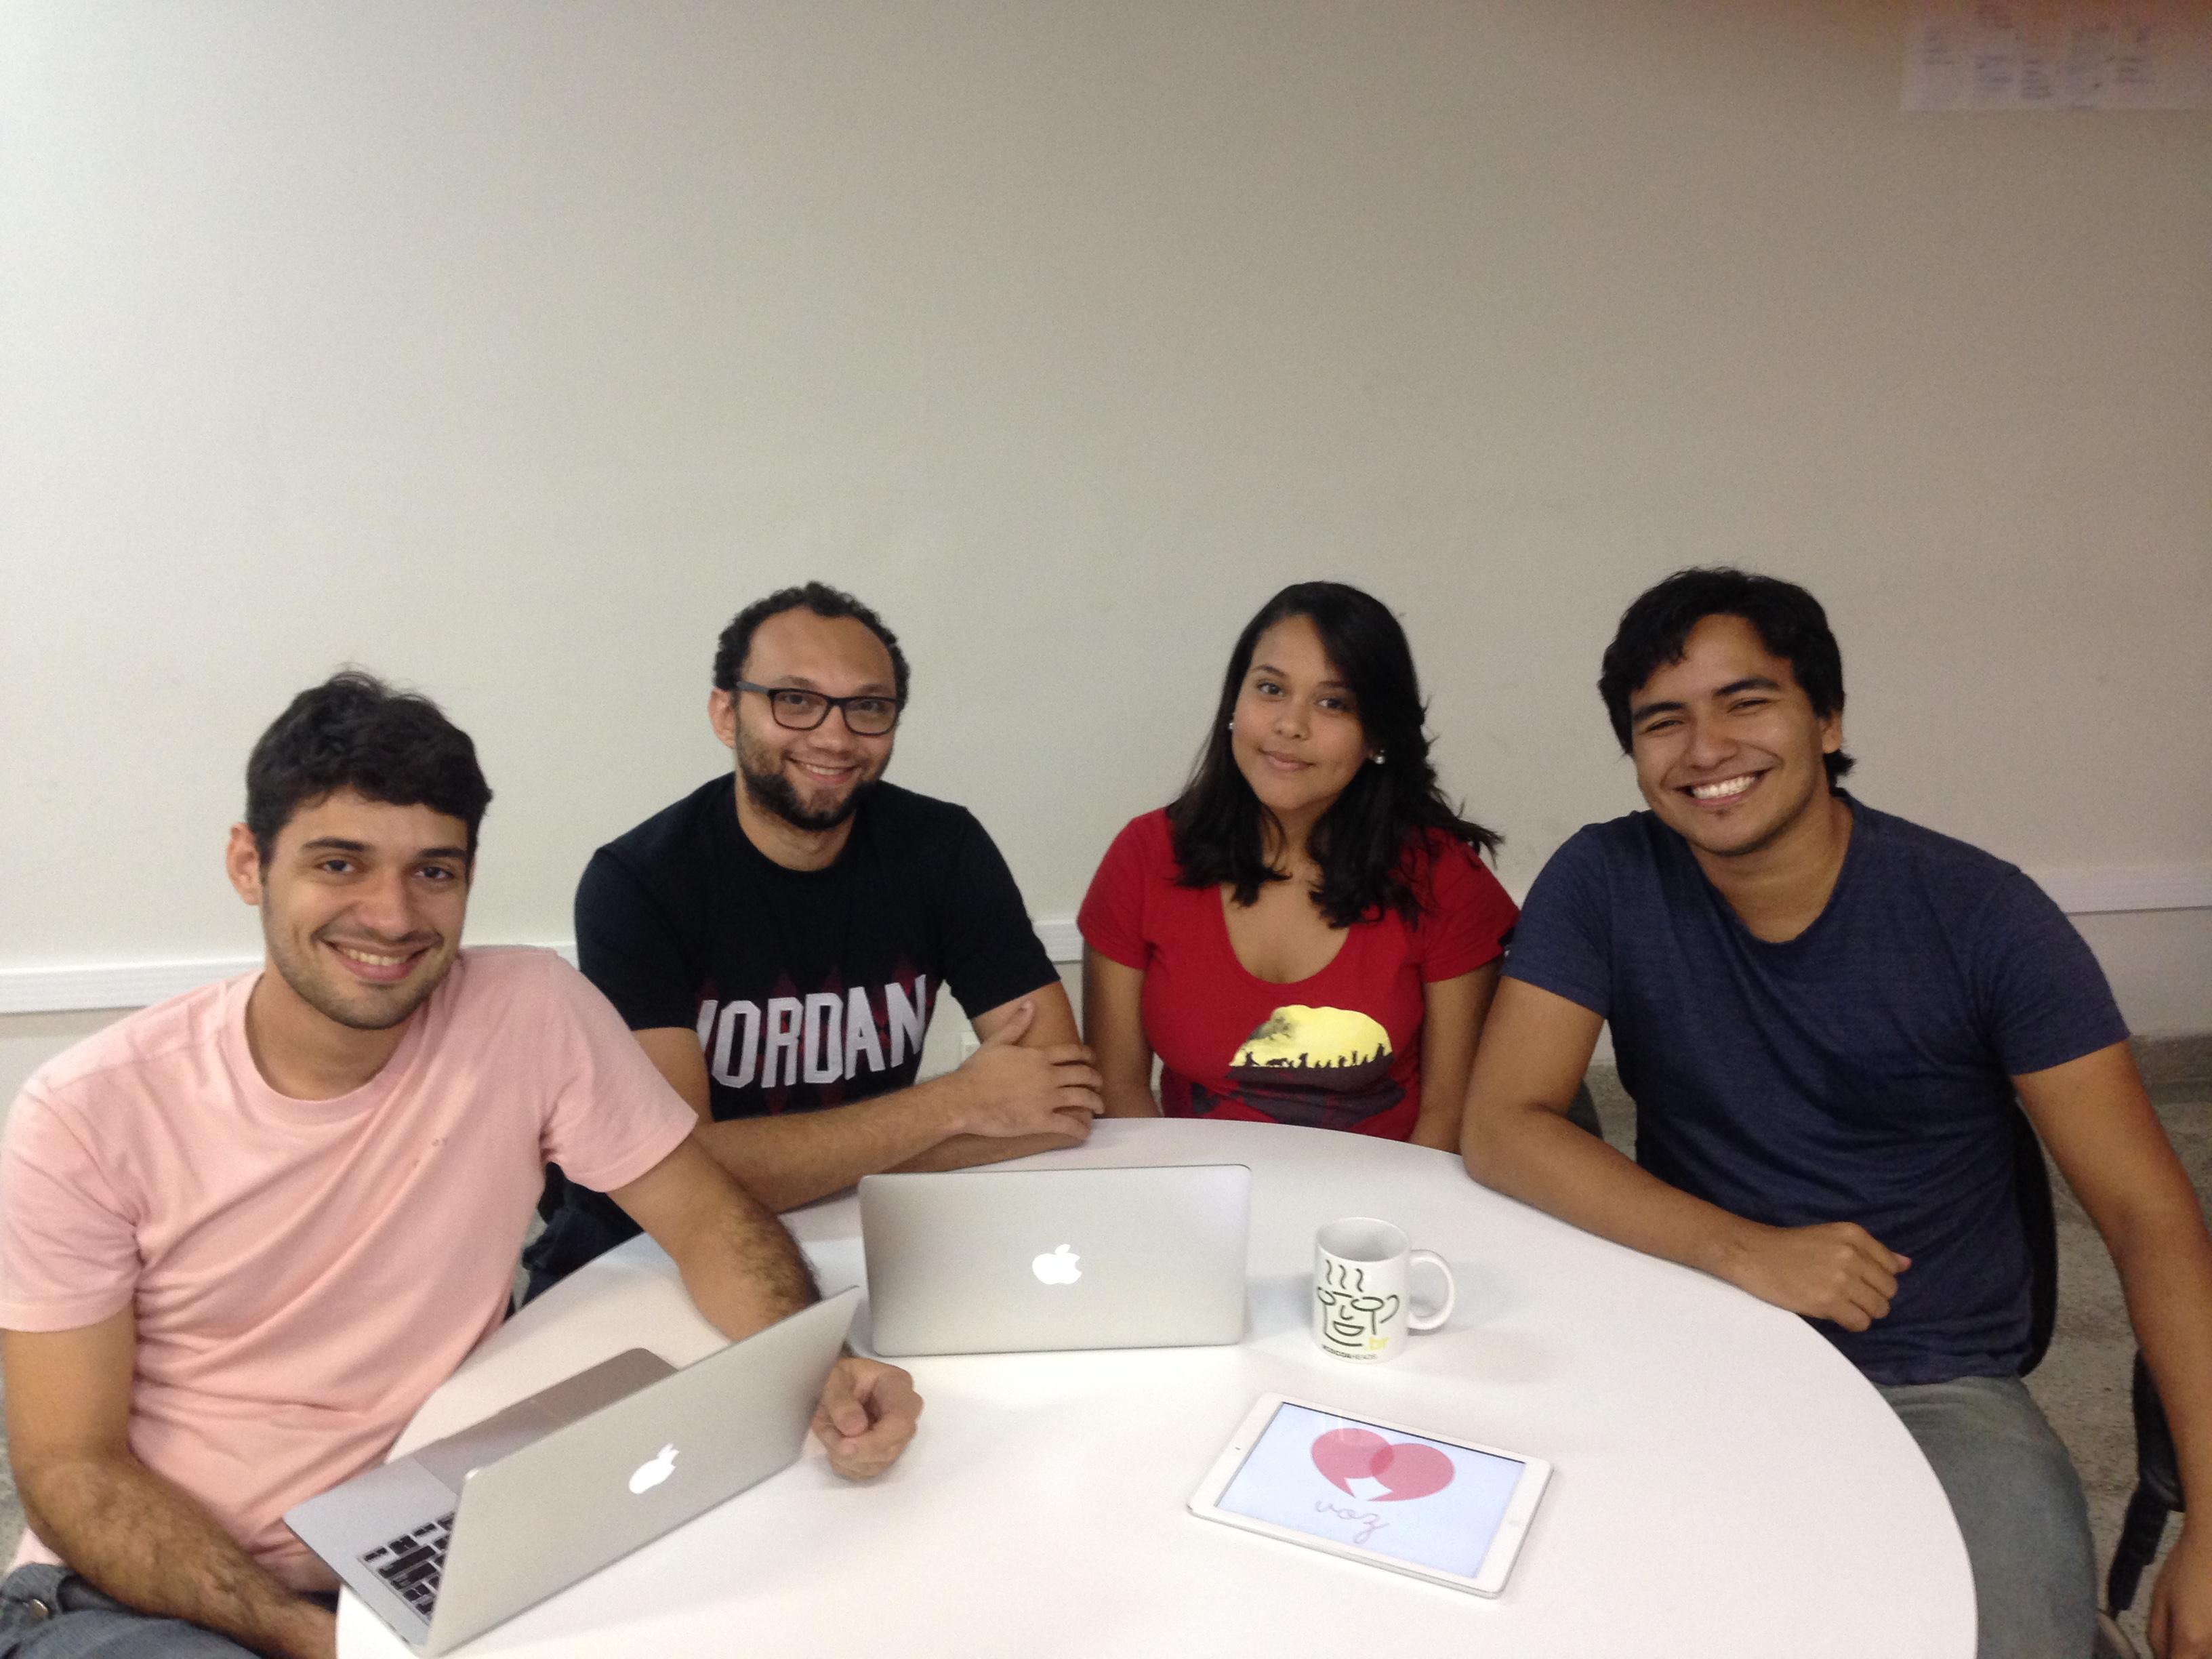 Grupo que criou o aplicativo: Elton Nobre, Bruno Roberto, Karina Paula e Wendel Jardel Damião. (FOTO: Arquivo pessoal)